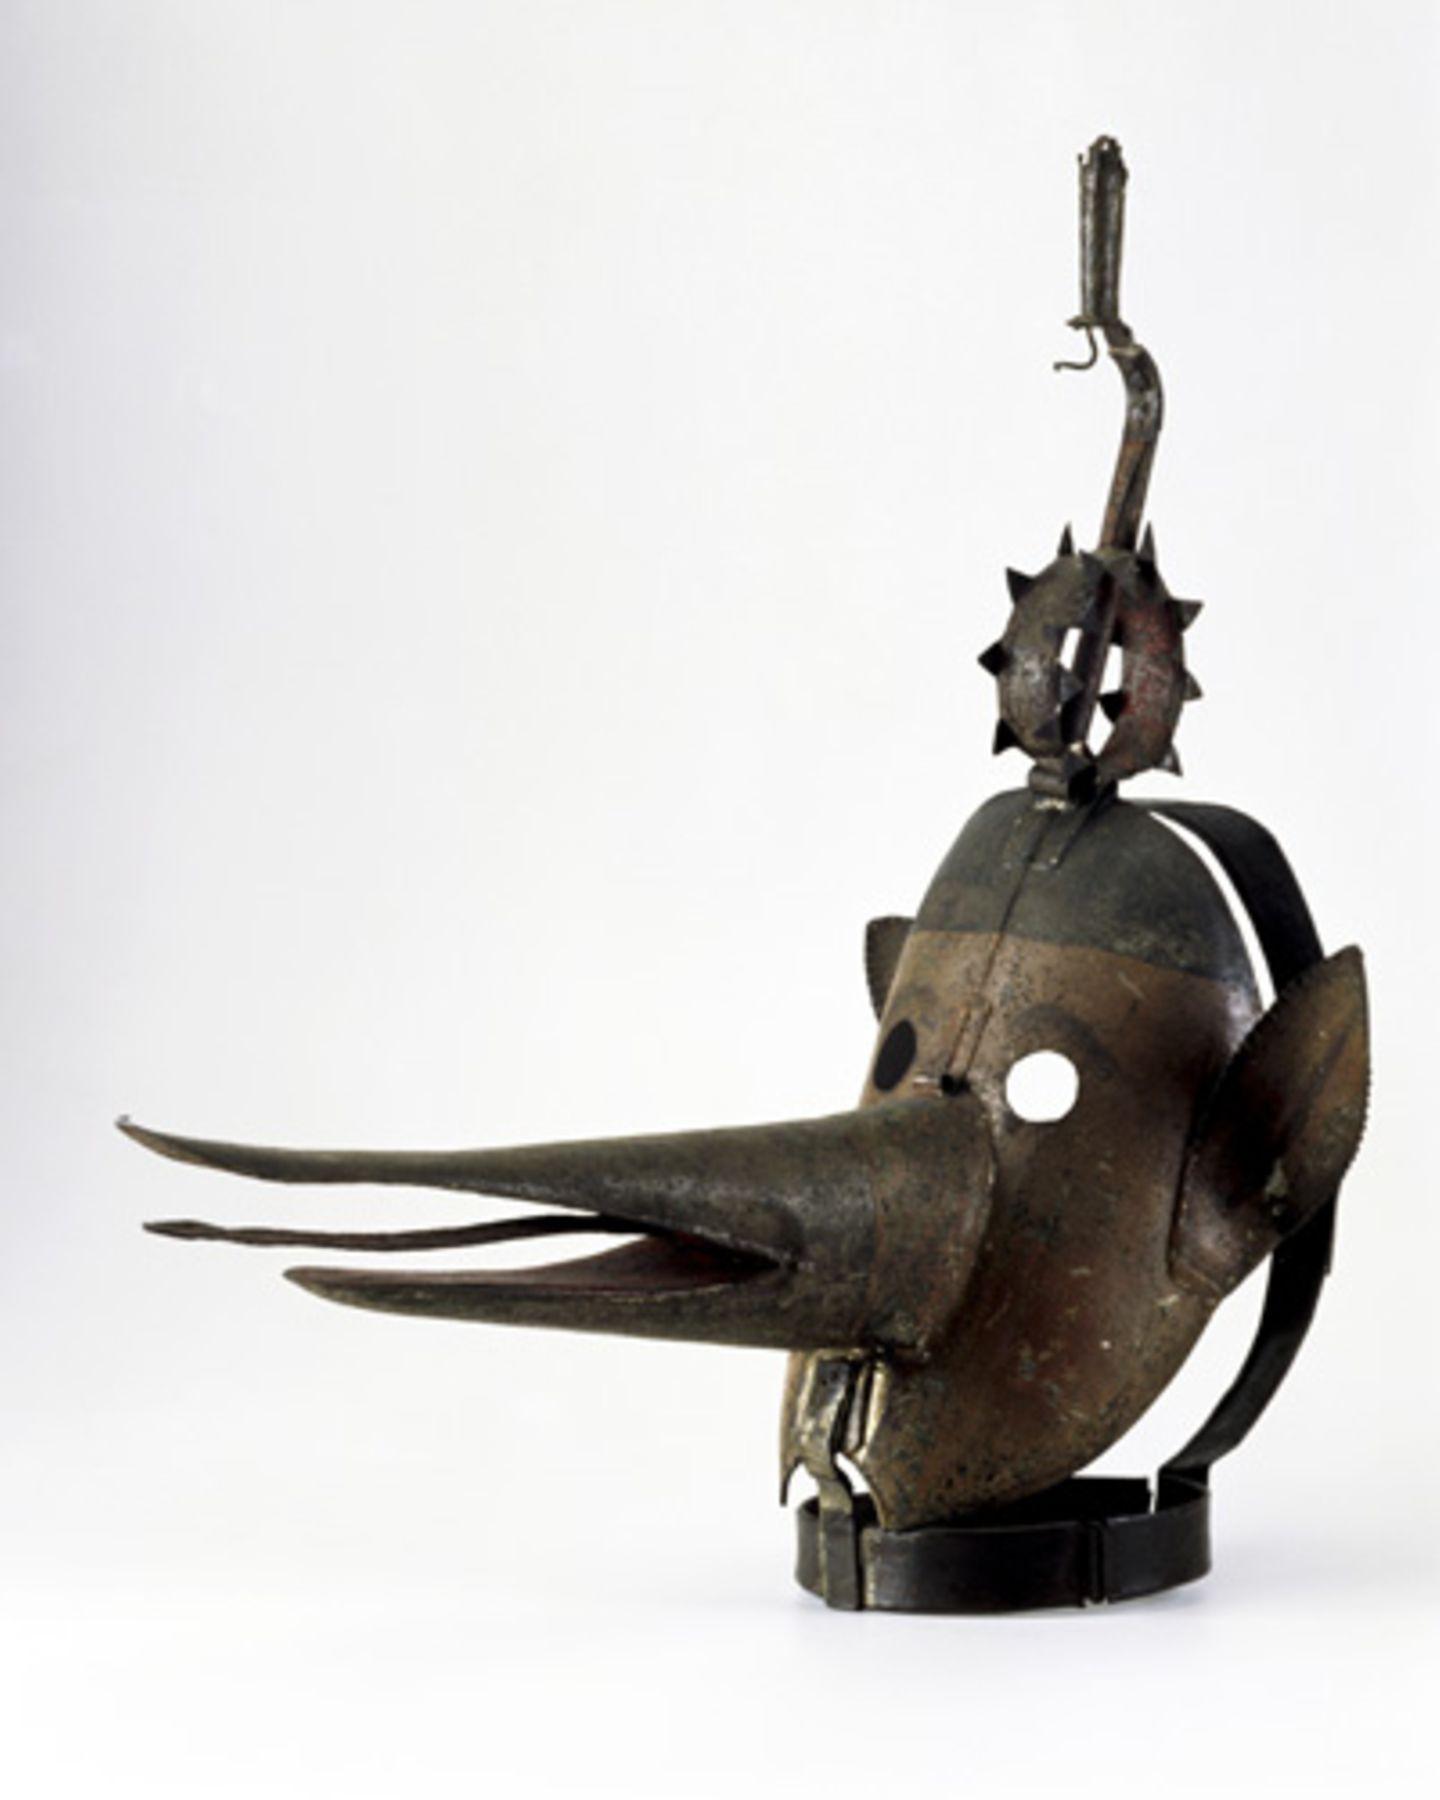 Schandmasken dienten bis ins 18. Jahrhundert der Bestrafung bei Verstößen gegen den Anstand. Die Beschuldigten wurden mit den Masken durch die Straßen getrieben und verspottet. Dabei schränkte die Maske die Sicht des Trägers ein, so dass er immer wieder an Hindernisse stieß - und wieder für neuen Spott sorgte.